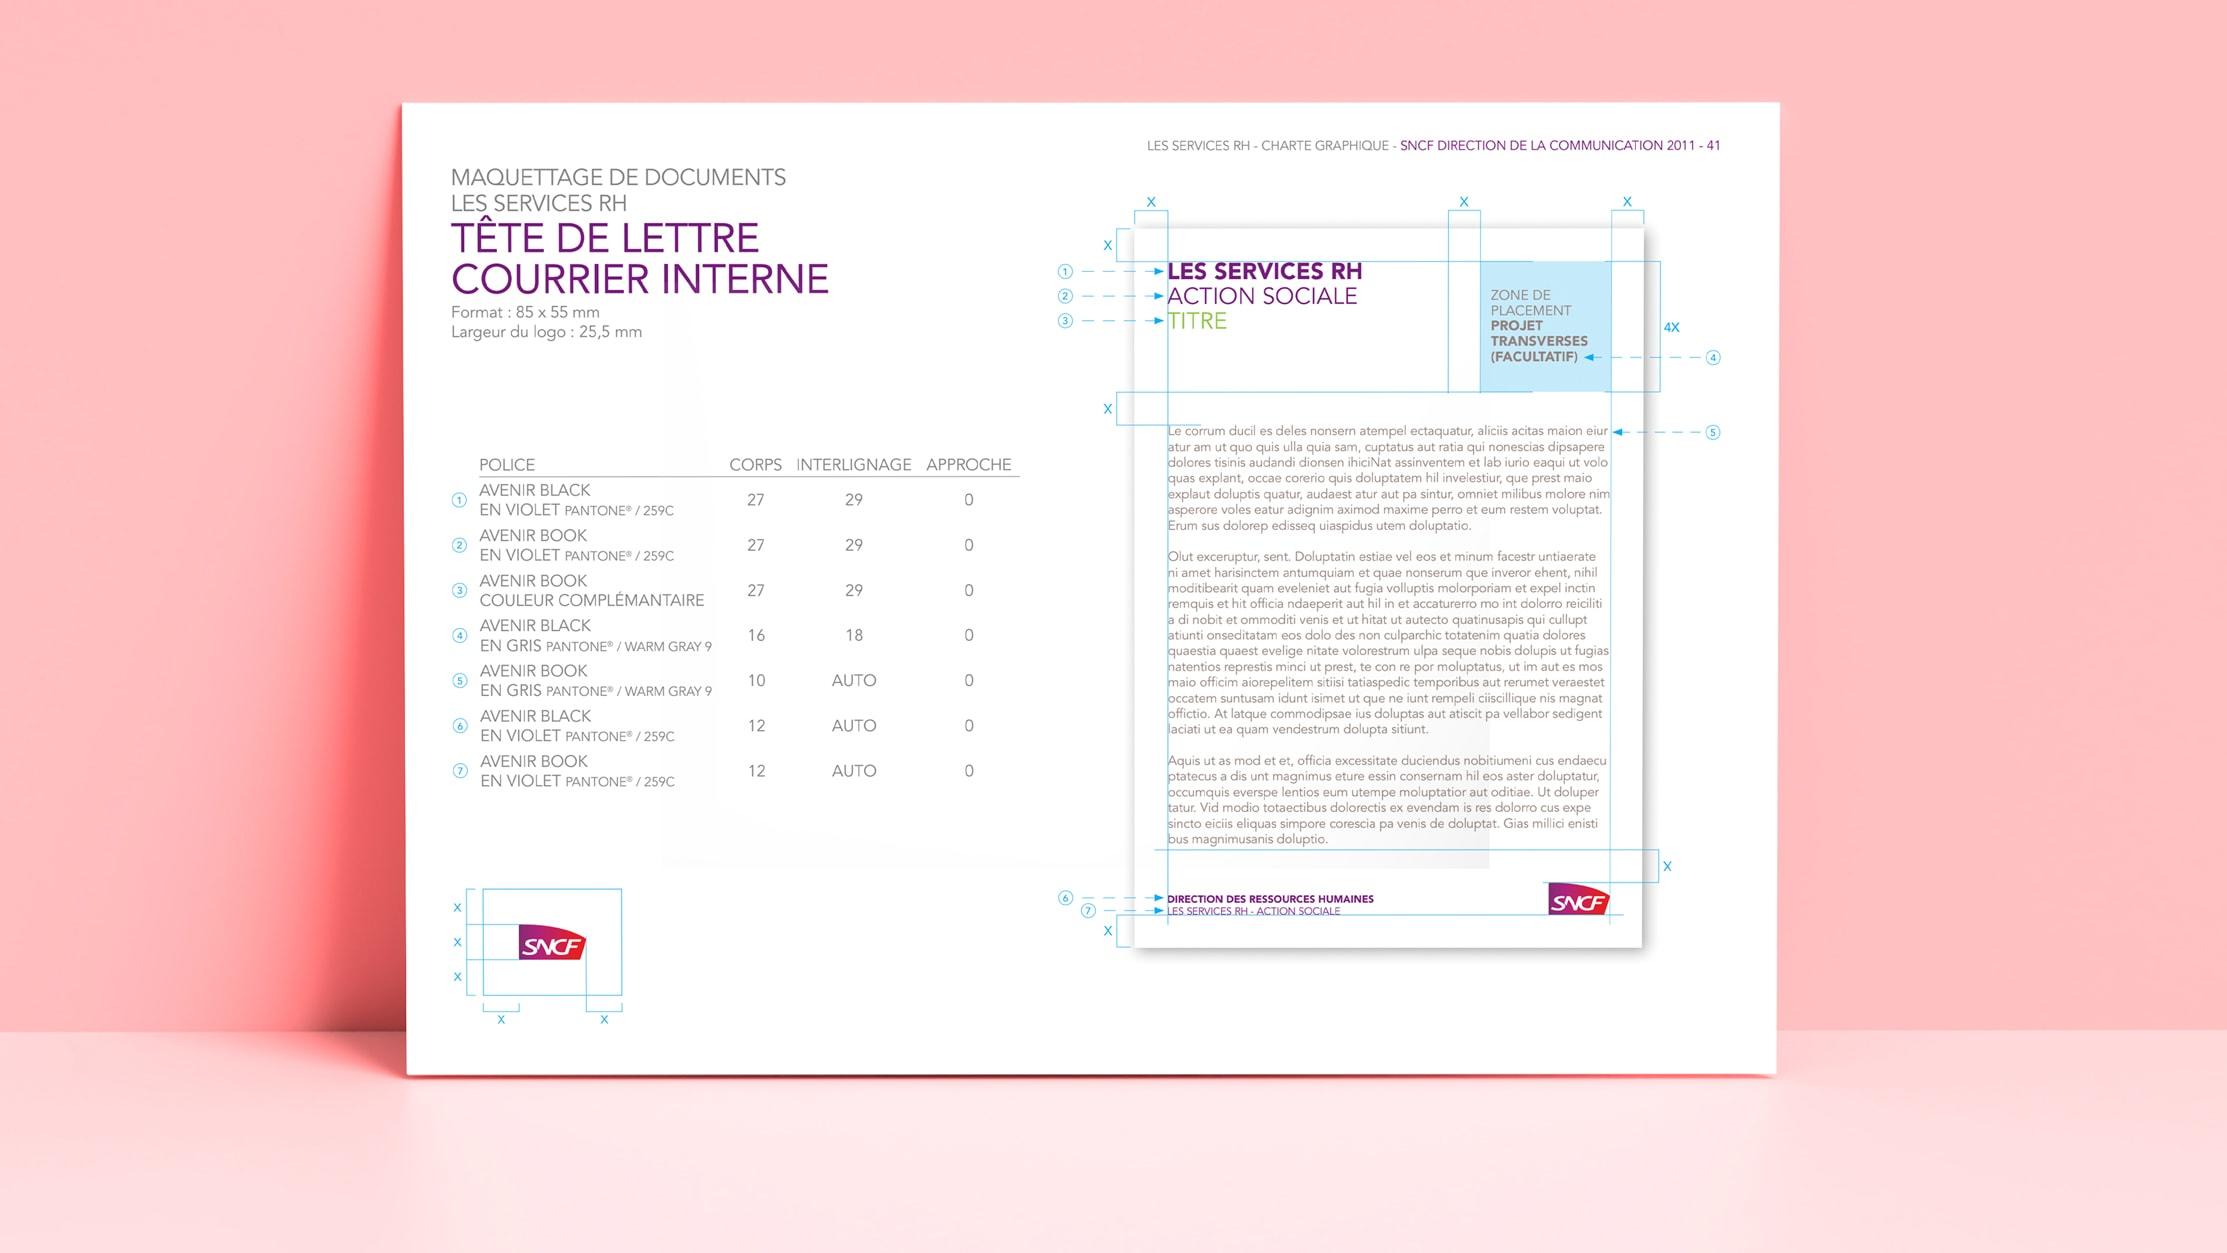 Visuel de la charte graphique de la SNCF